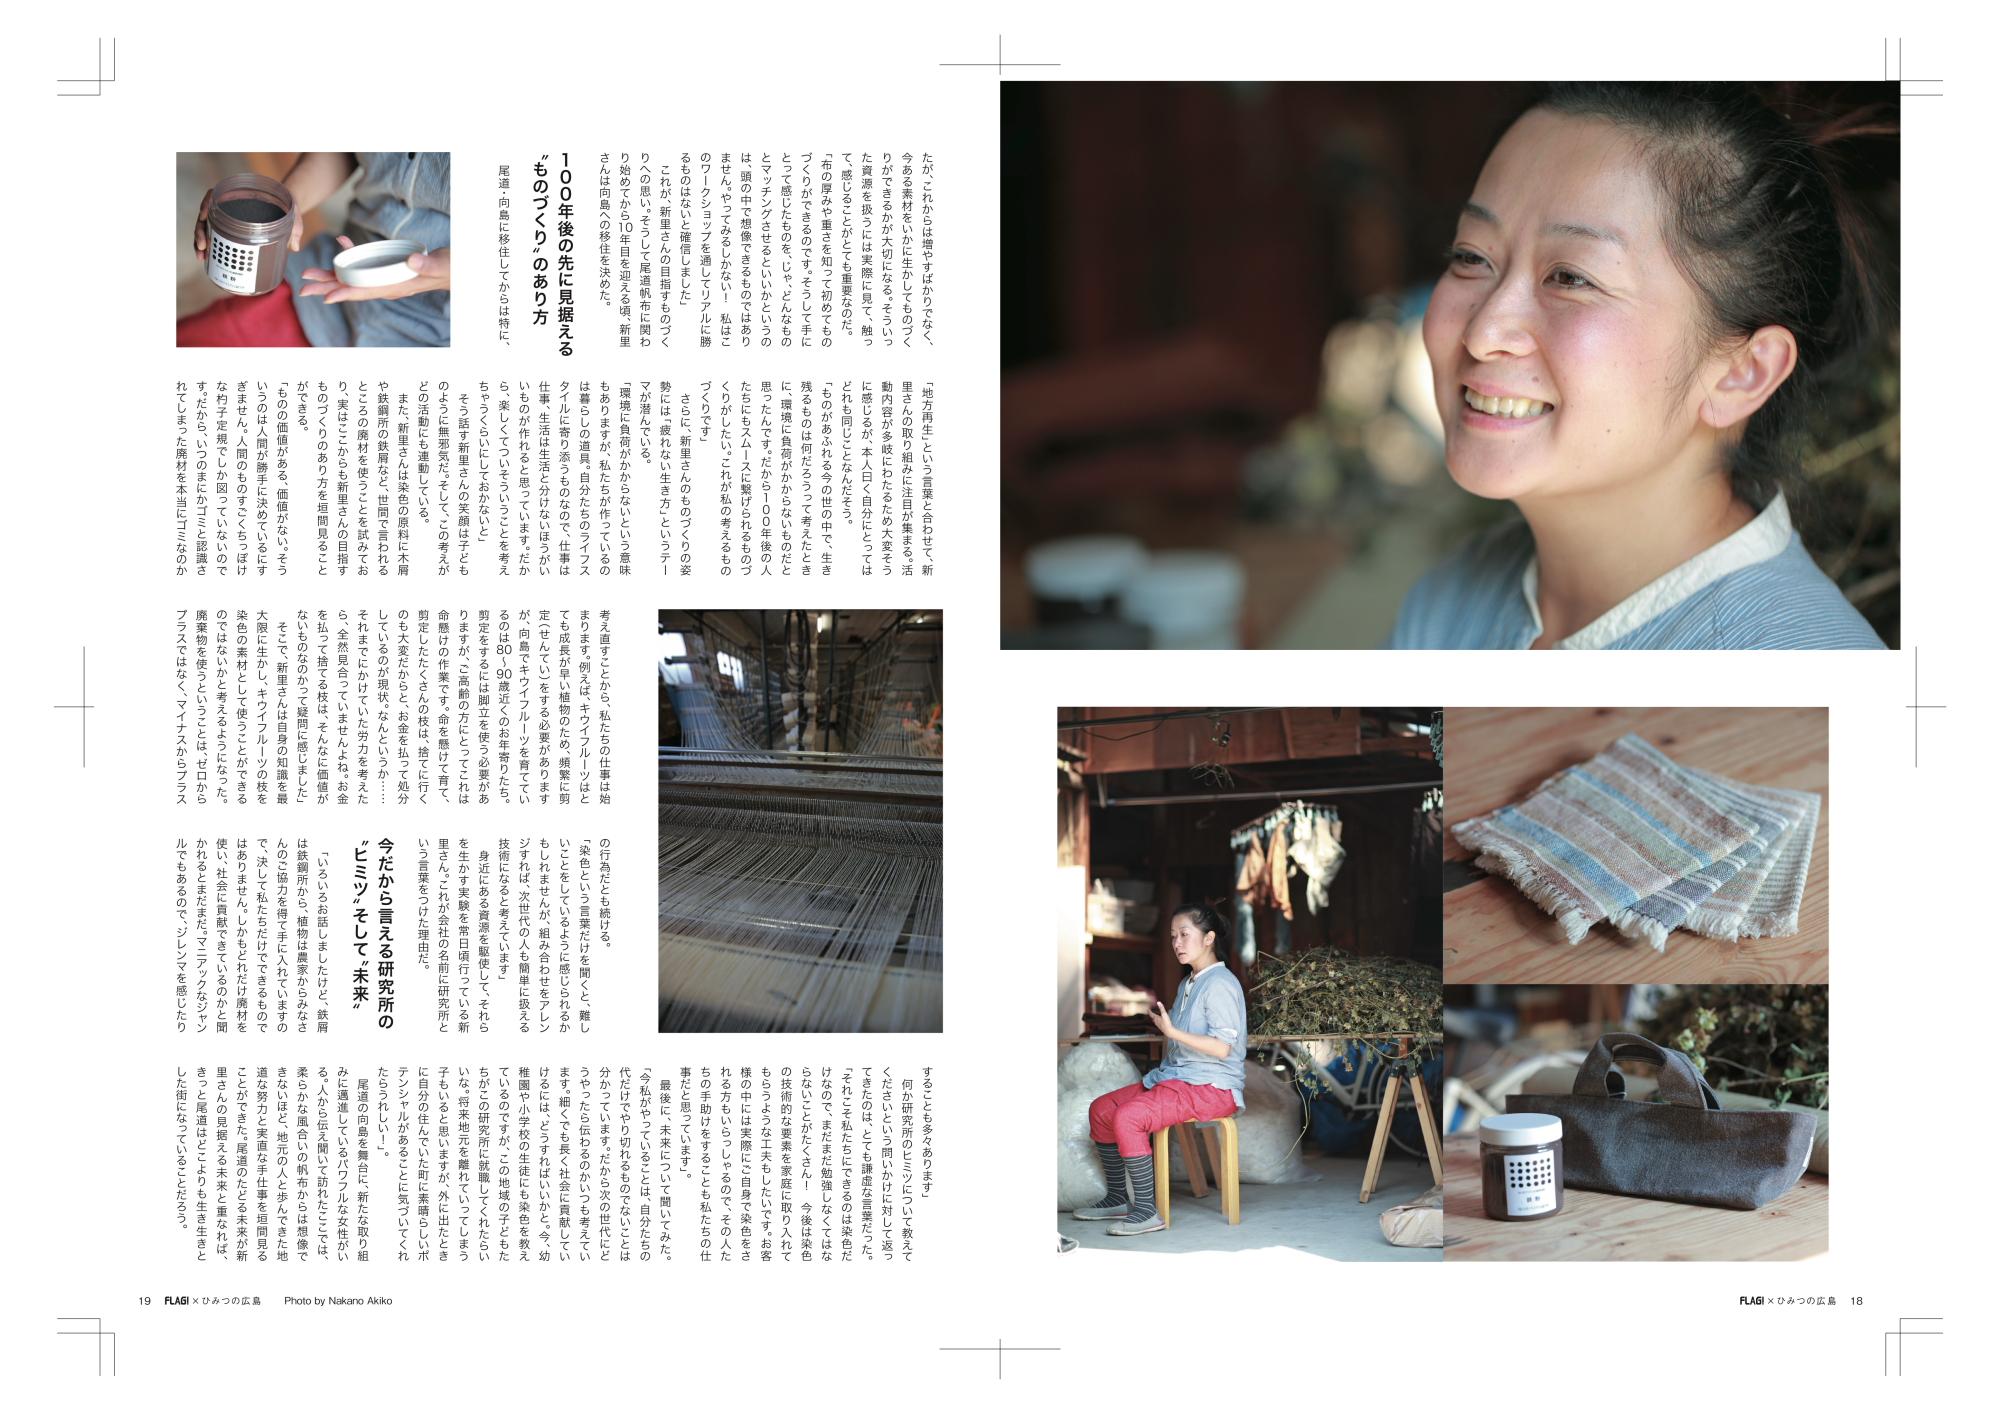 広島 akiko photography フォトグラファー カメラマン 写真 中野章子